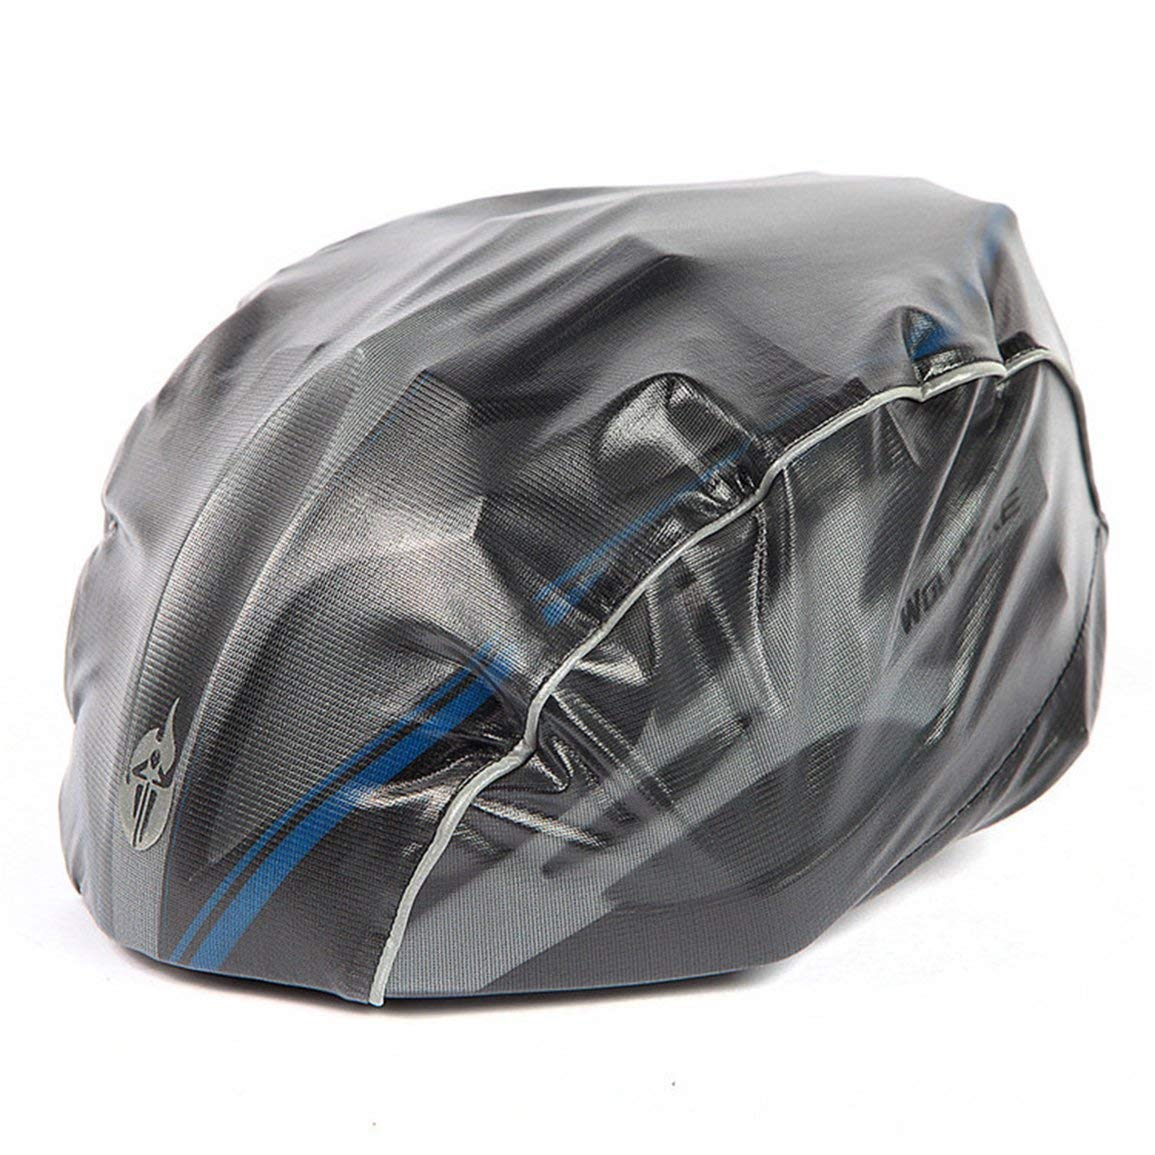 Regenschutz Helm Cover Wasserdicht Helmet Schutz f/ür Fahrradhelm Unisex Regen Abdeckung f/ür einen.Kreislauf.durchmachenreiten Fahrradfahren